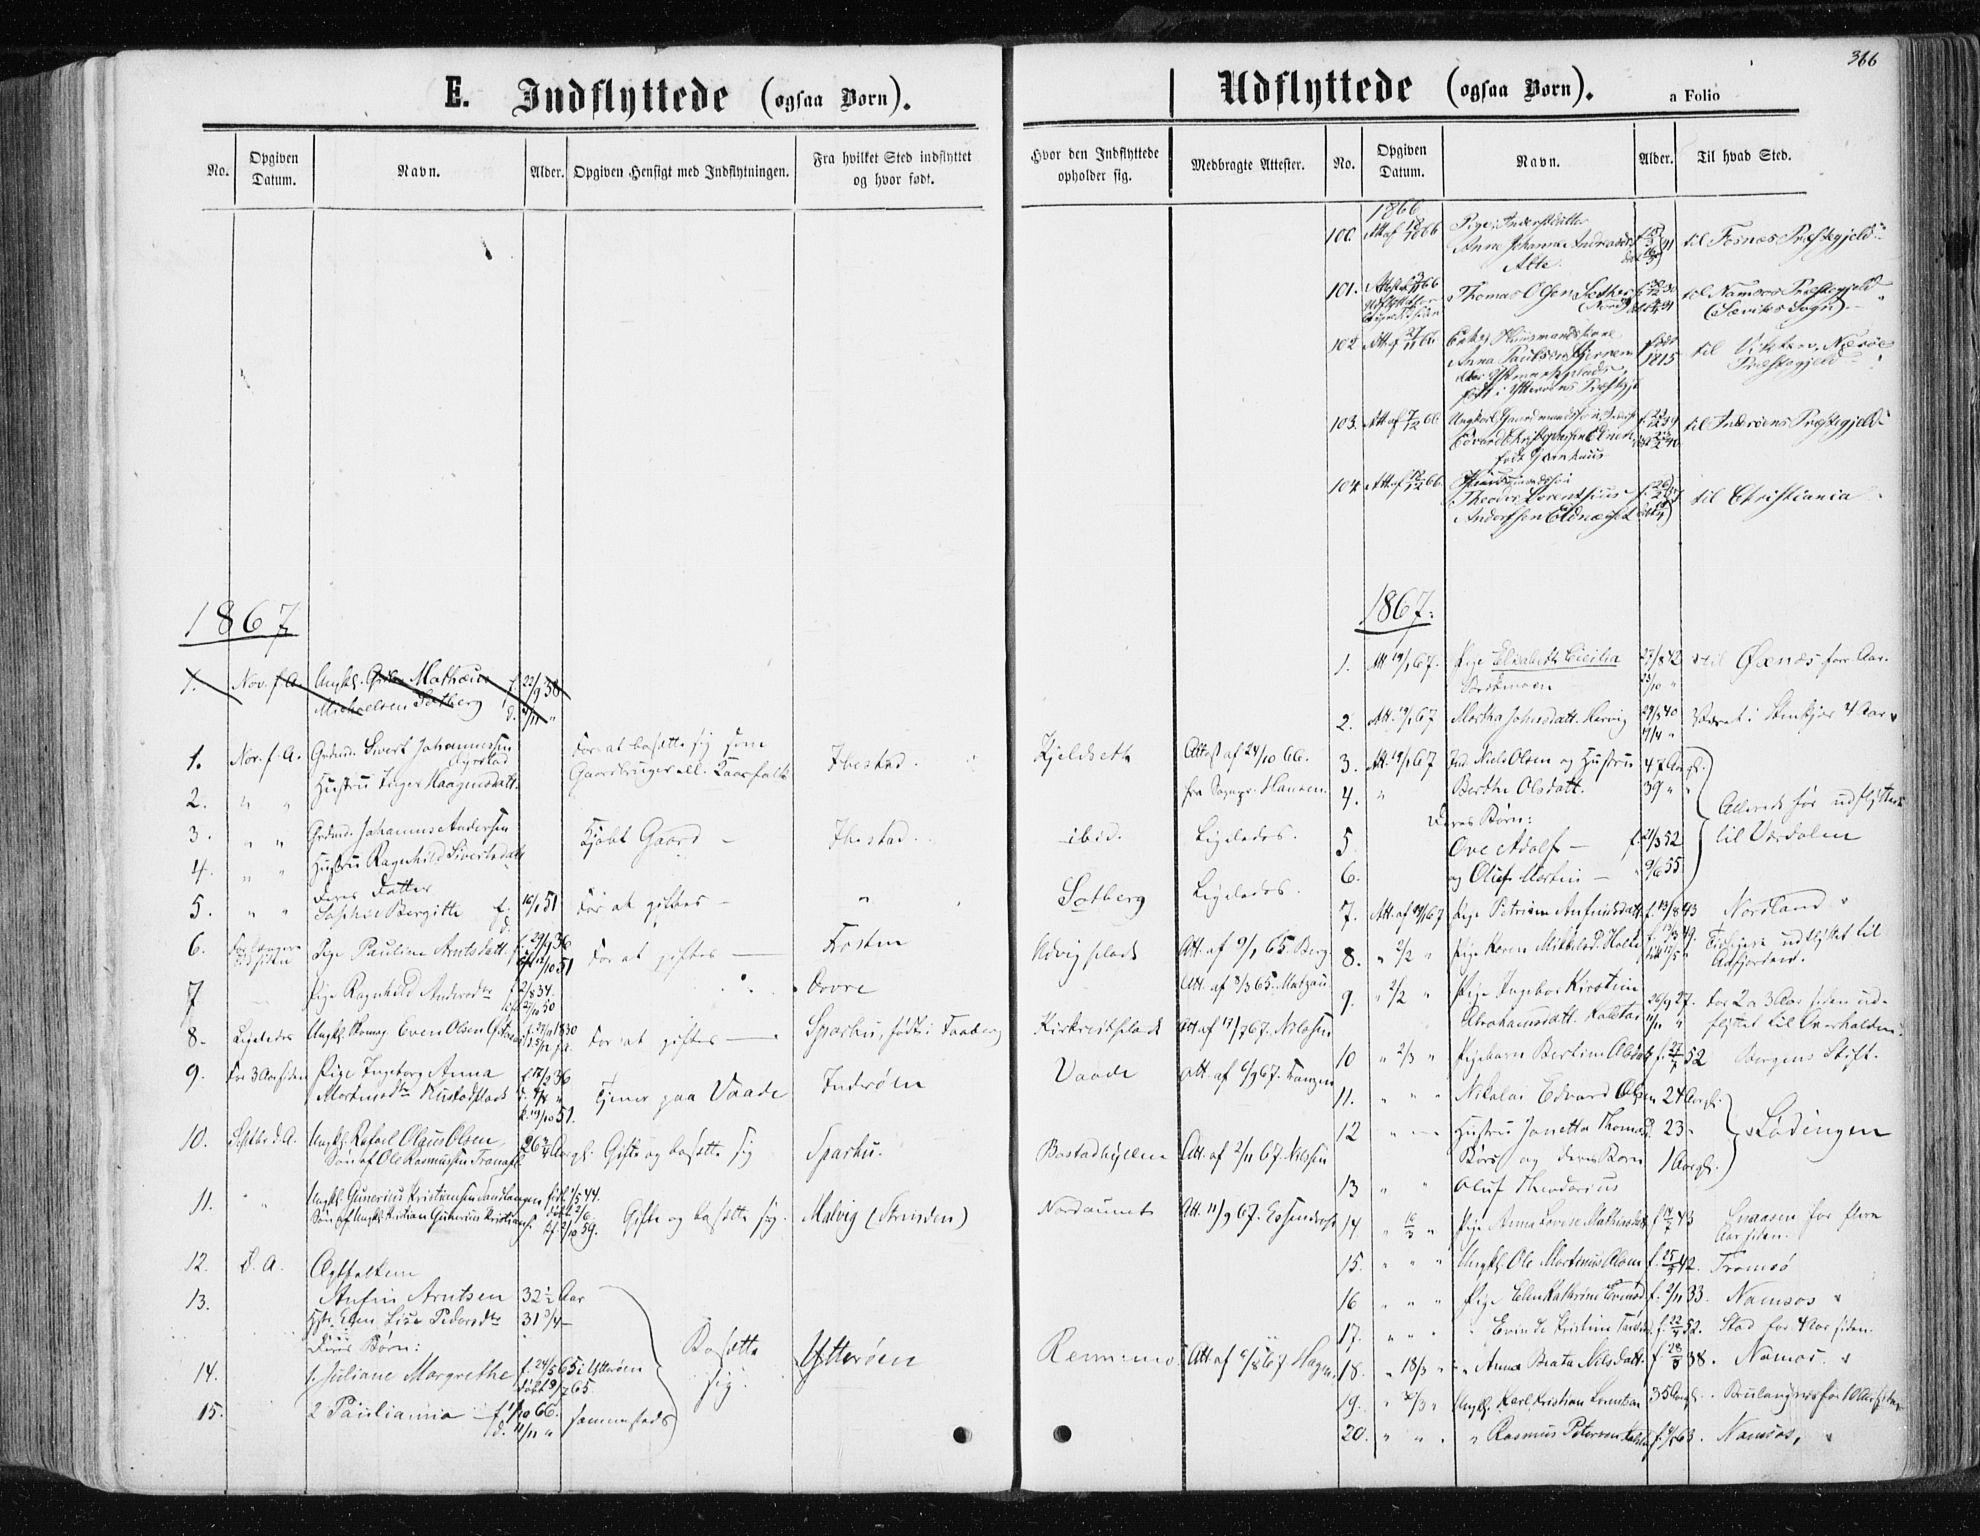 SAT, Ministerialprotokoller, klokkerbøker og fødselsregistre - Nord-Trøndelag, 741/L0394: Ministerialbok nr. 741A08, 1864-1877, s. 366